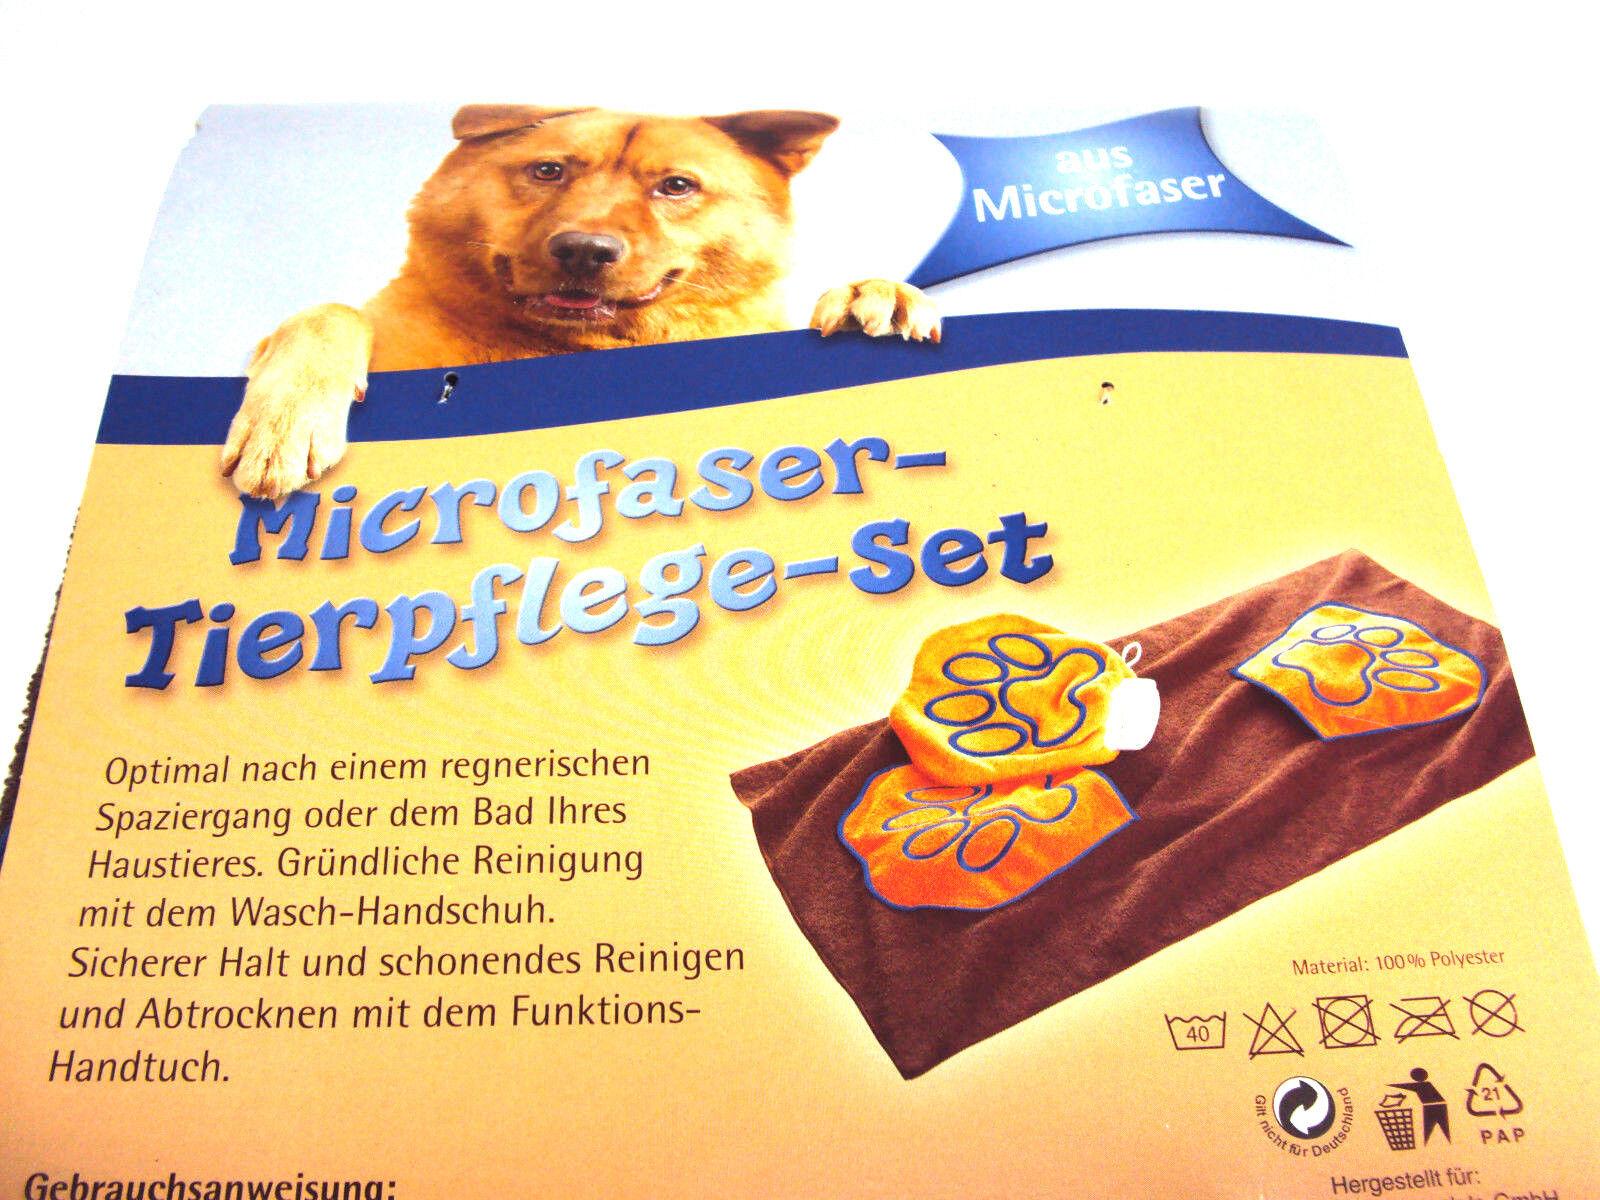 Tierpflege-Set,Hundehandtuch, Mikrofaser, Funktionshandtuch u.Waschhandschuh